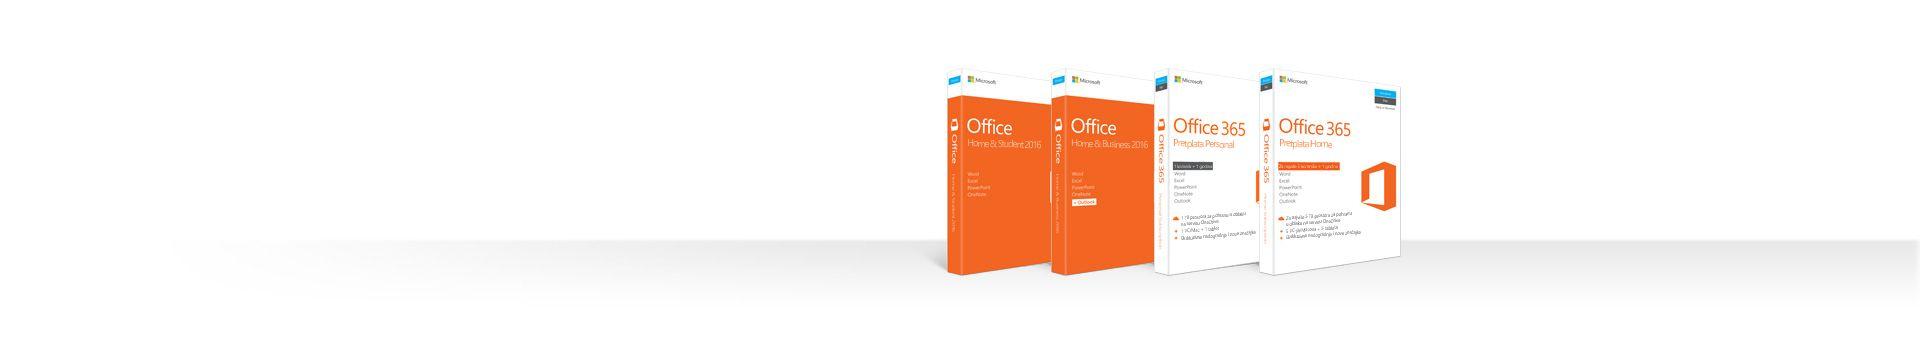 Redak s okvirima koji predstavljaju pretplatničke i samostalne proizvode sustava Office za Mac